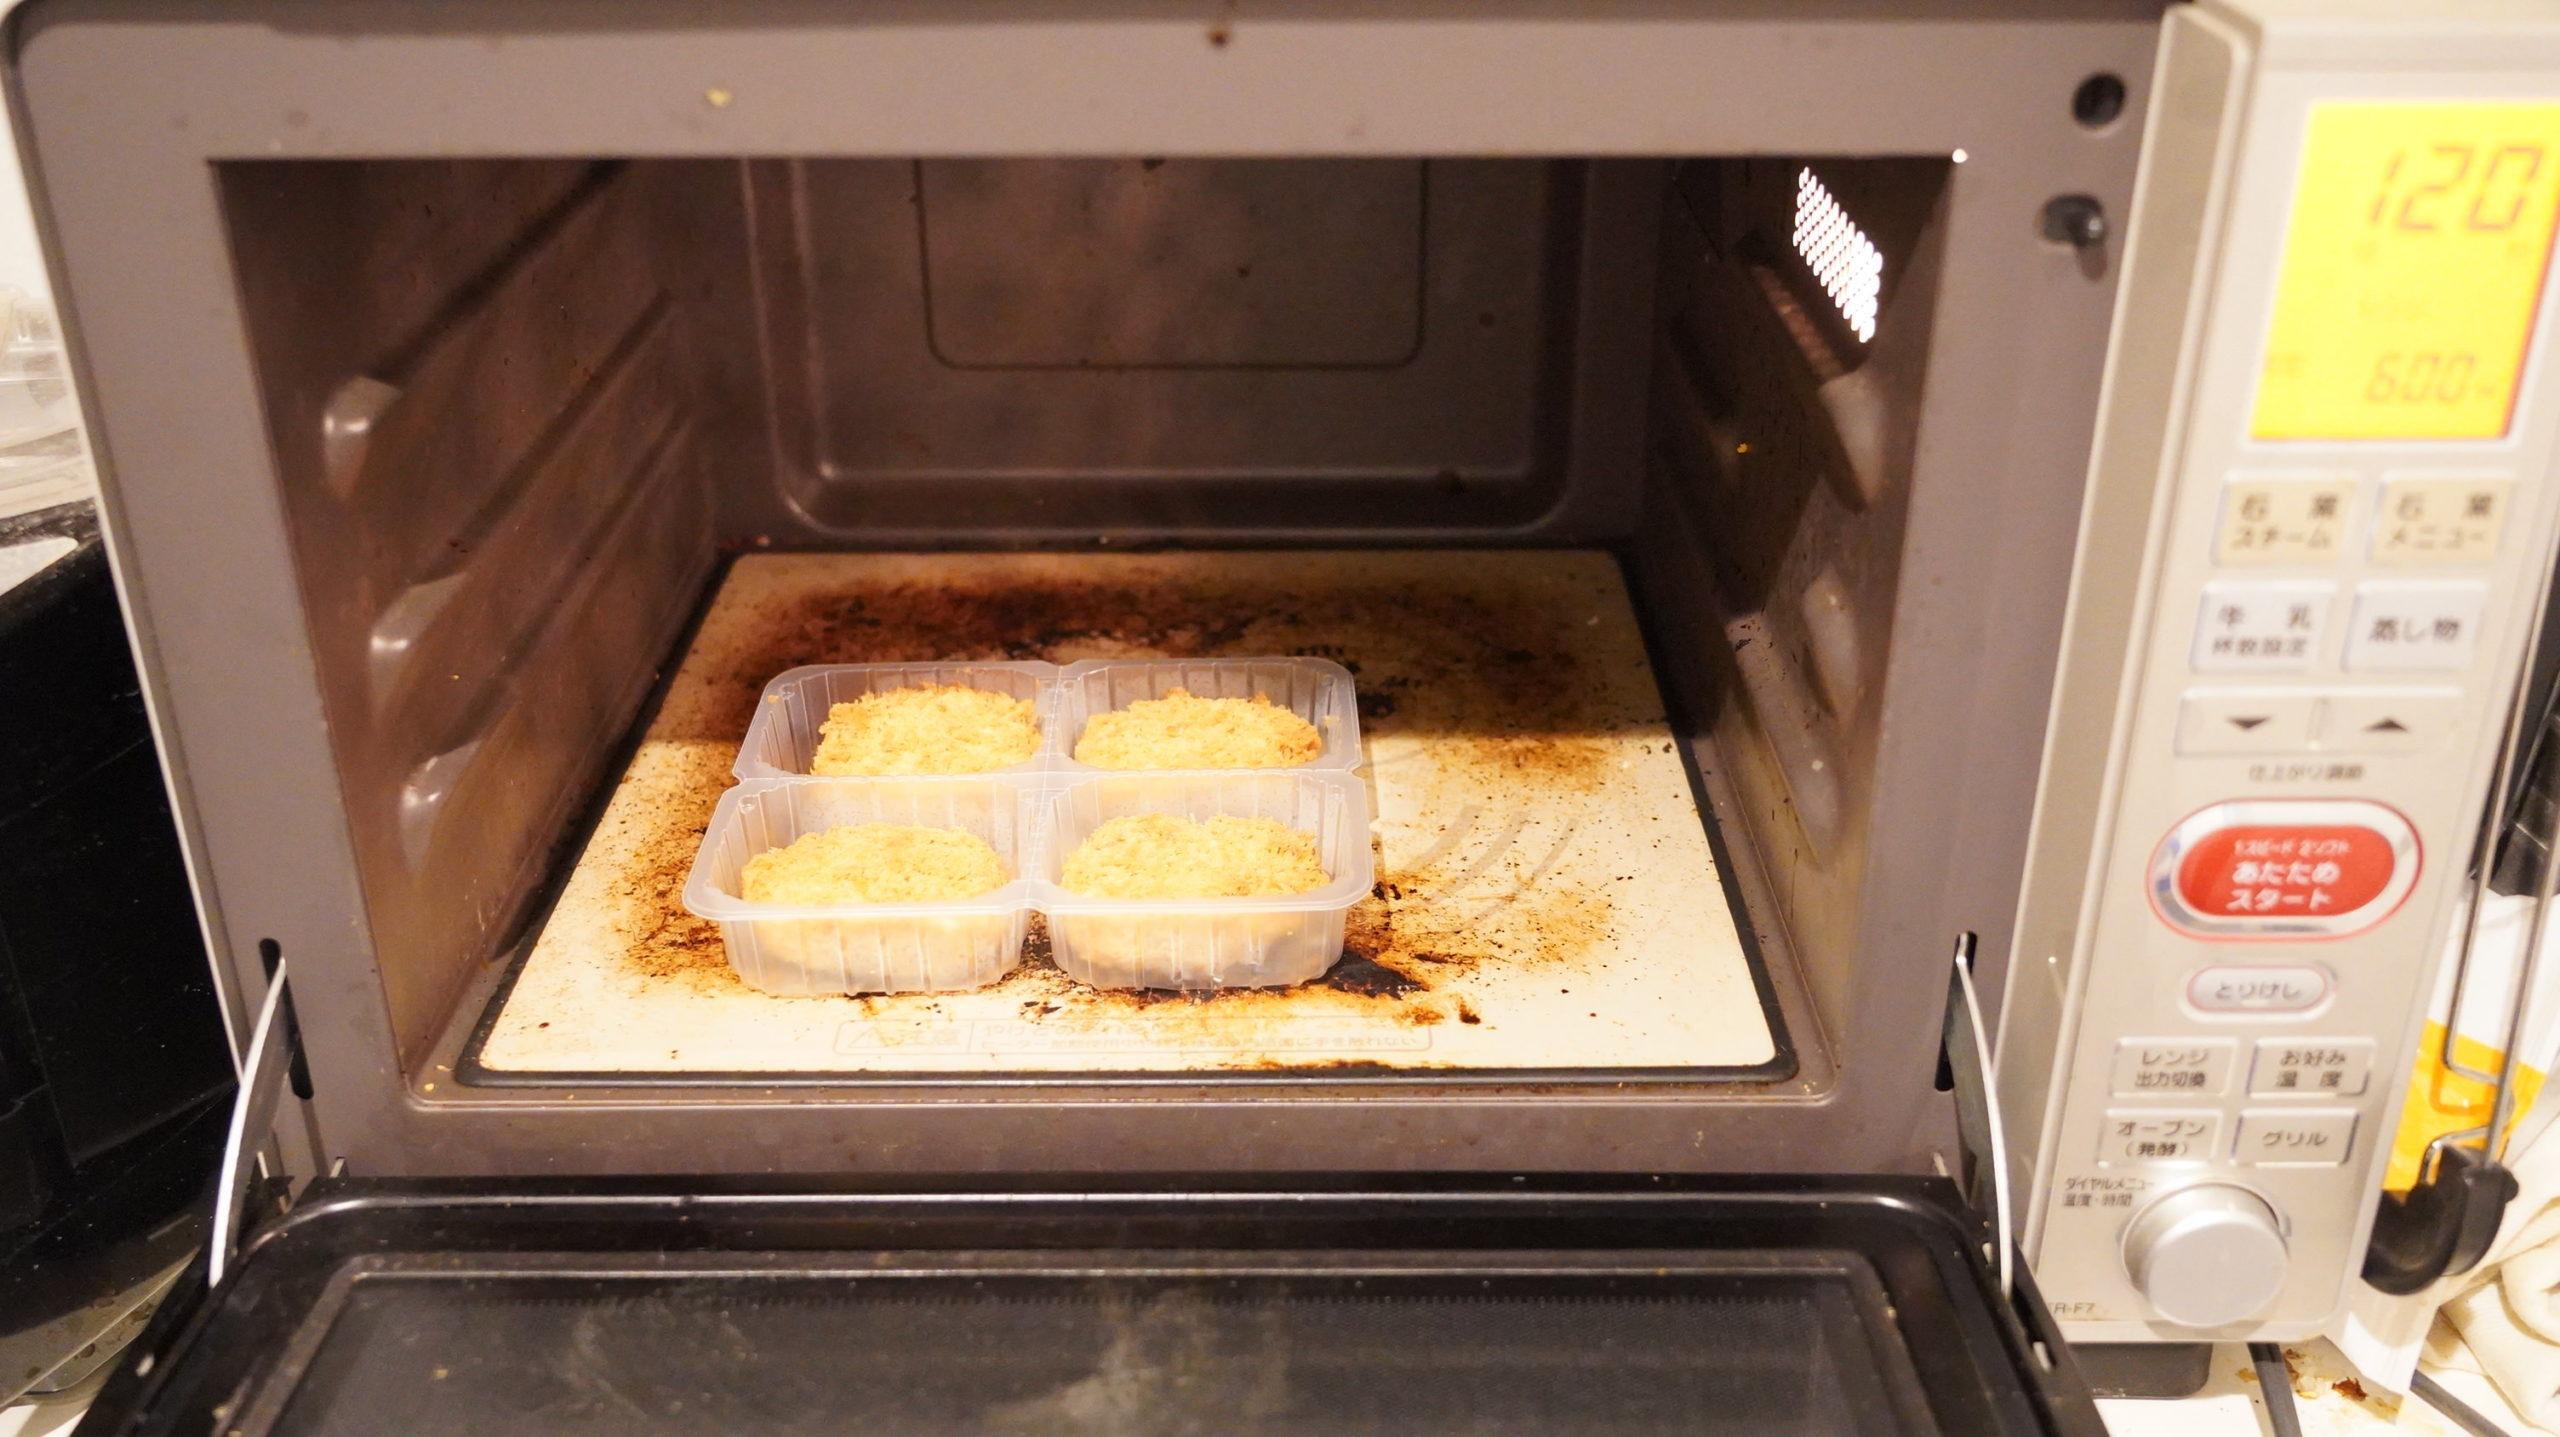 ニチレイの冷凍食品「極上ヒレかつ」を電子レンジで加熱している写真